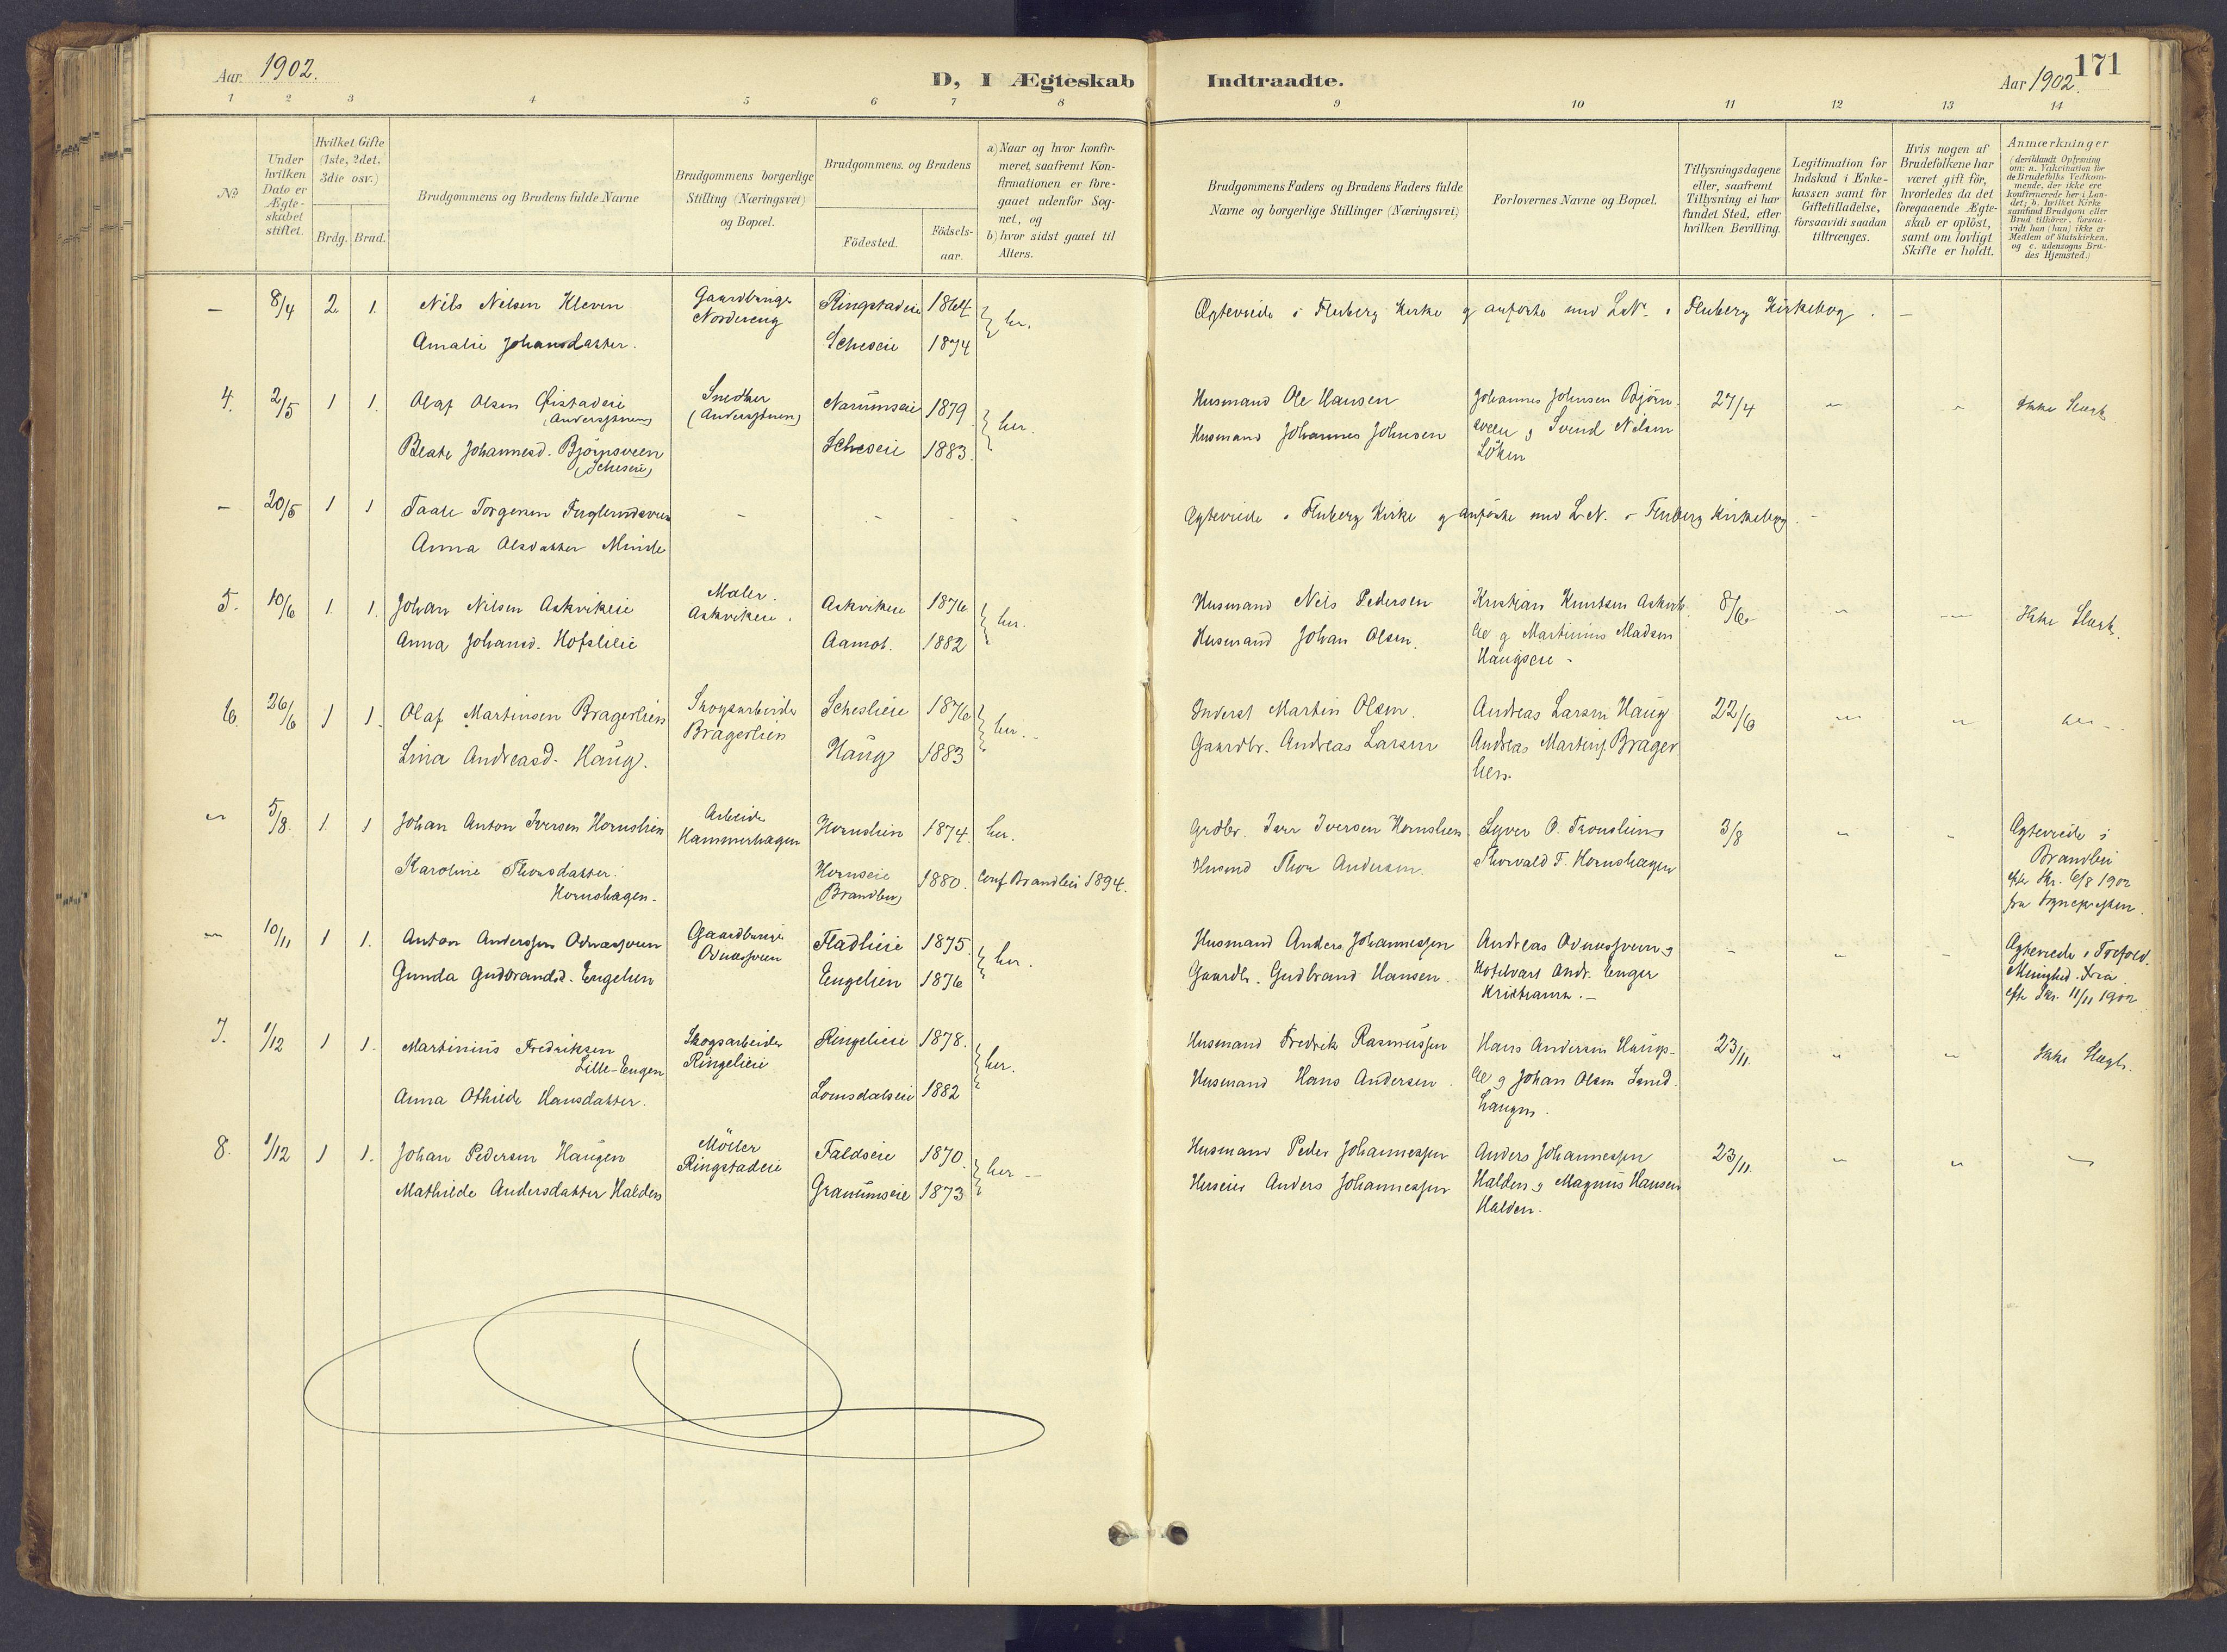 SAH, Søndre Land prestekontor, K/L0006: Ministerialbok nr. 6, 1895-1904, s. 171